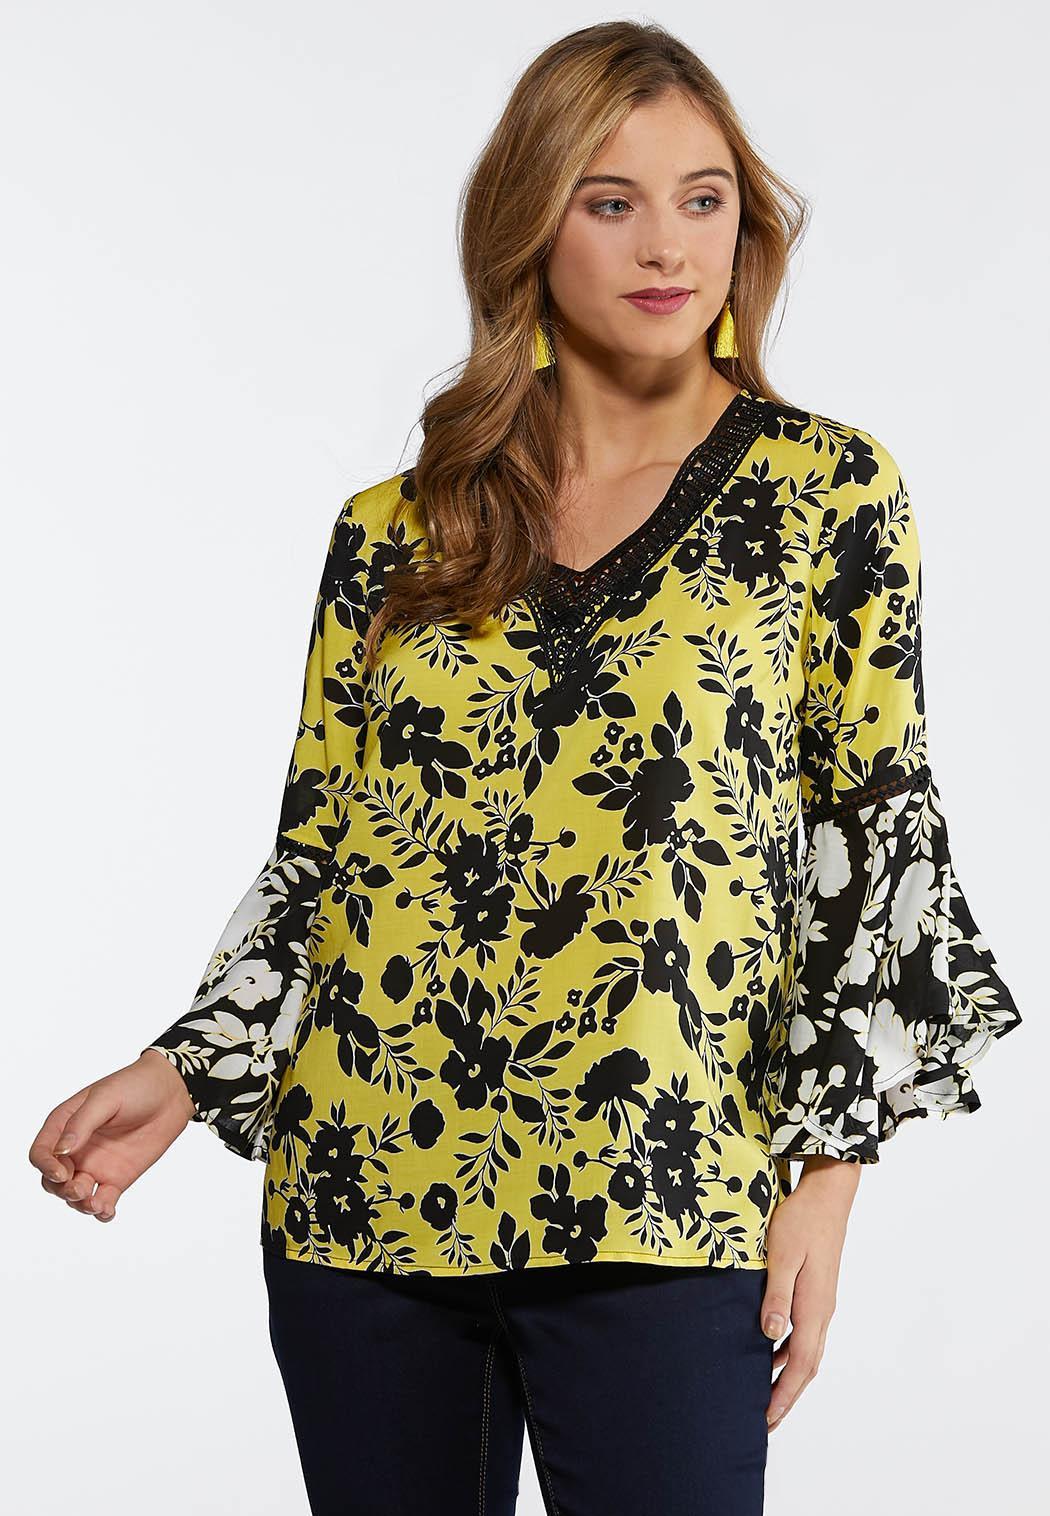 c4df1f614c06e Plus Size Garden Lace Trim Top Shirts   Blouses Cato Fashions